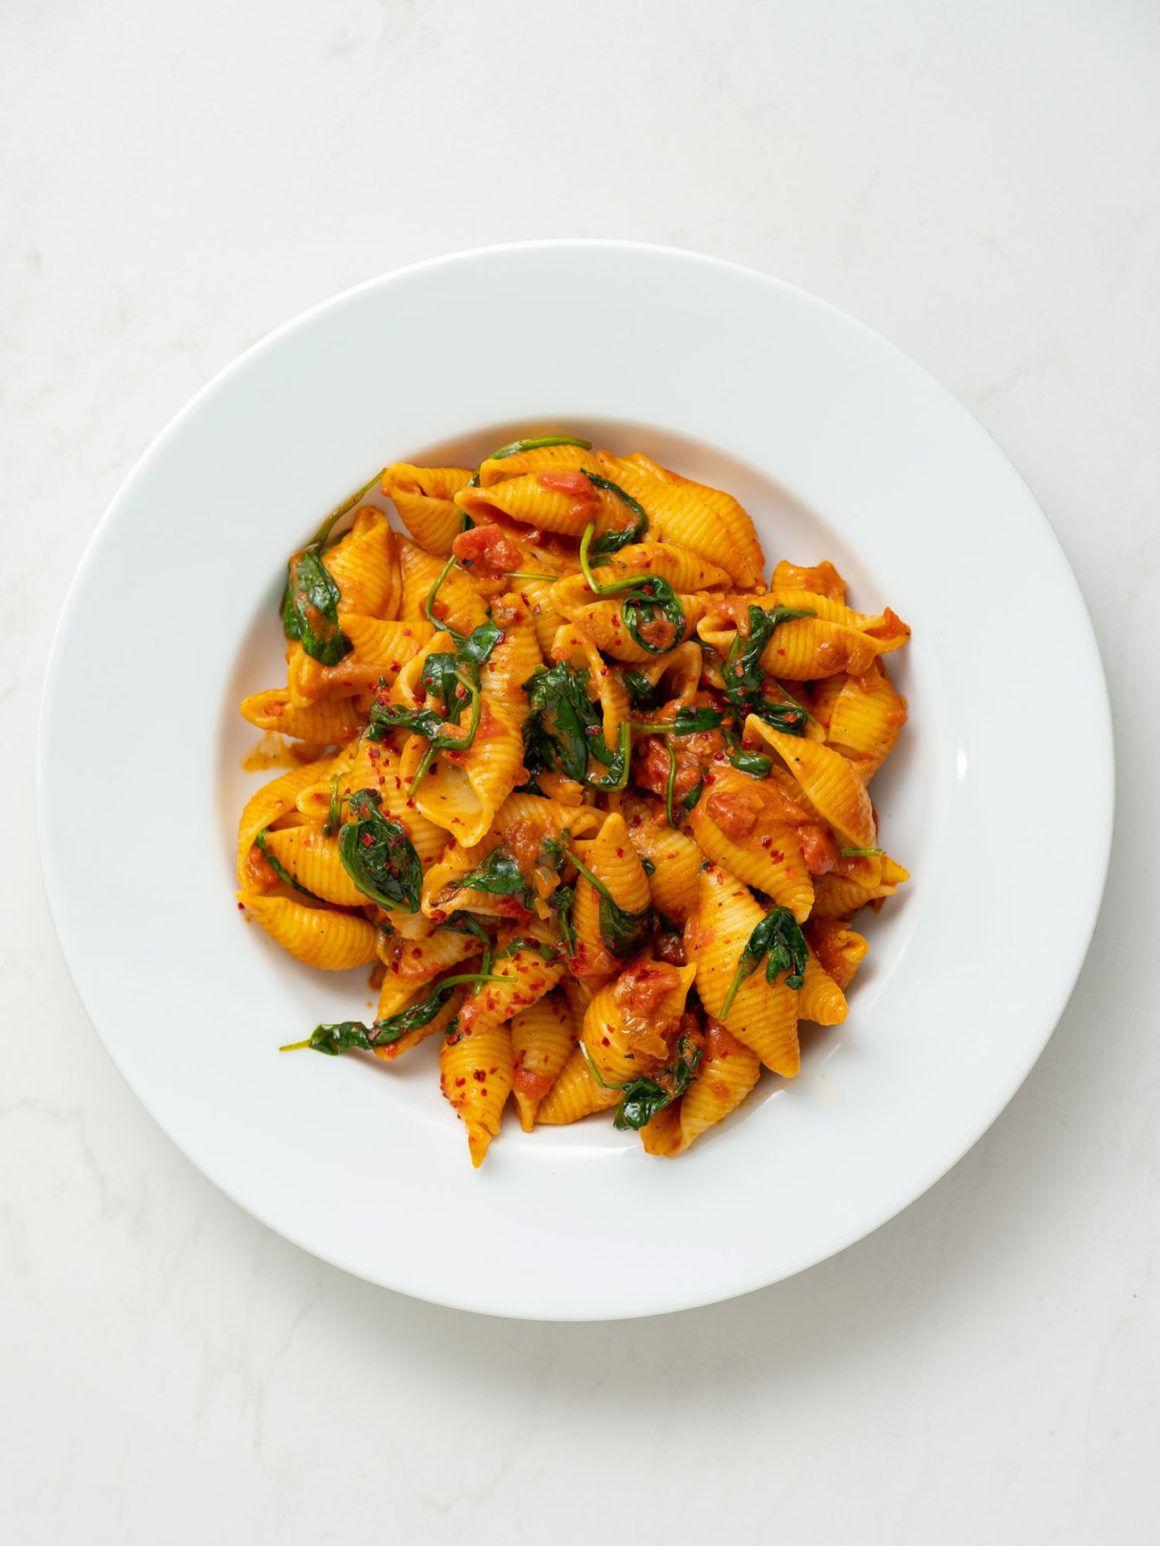 Rezept_Pasta mit Tomaten-Spinat-Sauce, Nudeln, Nudelgericht, Chiliflakes